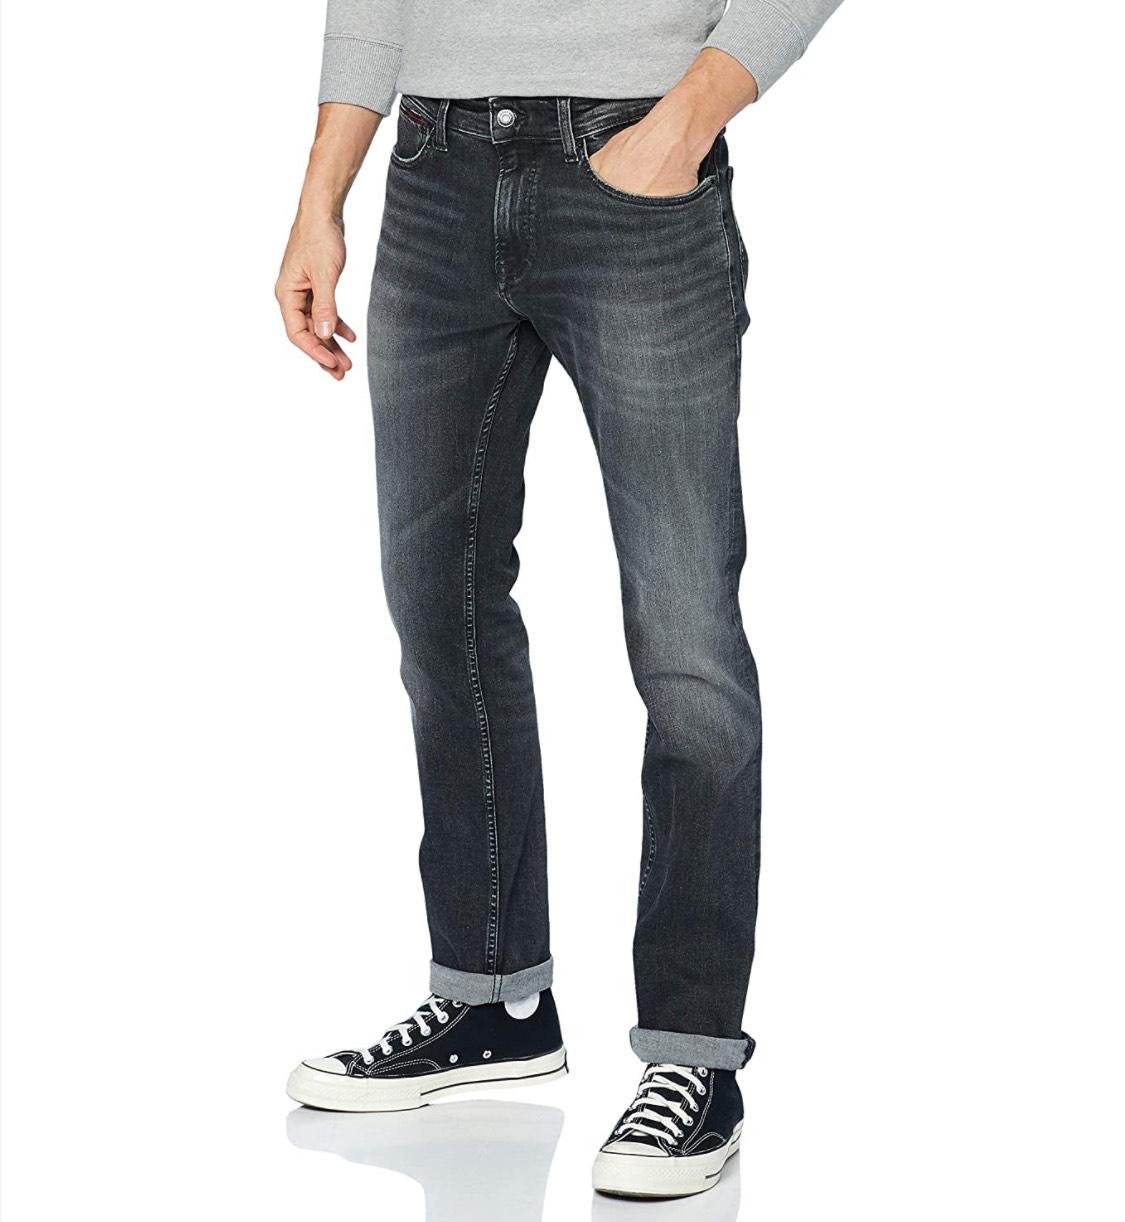 Vaqueros Tommy Jeans hombre talla 29W/32L (40 largo normal) Talla 27W/34L a 16,71€.